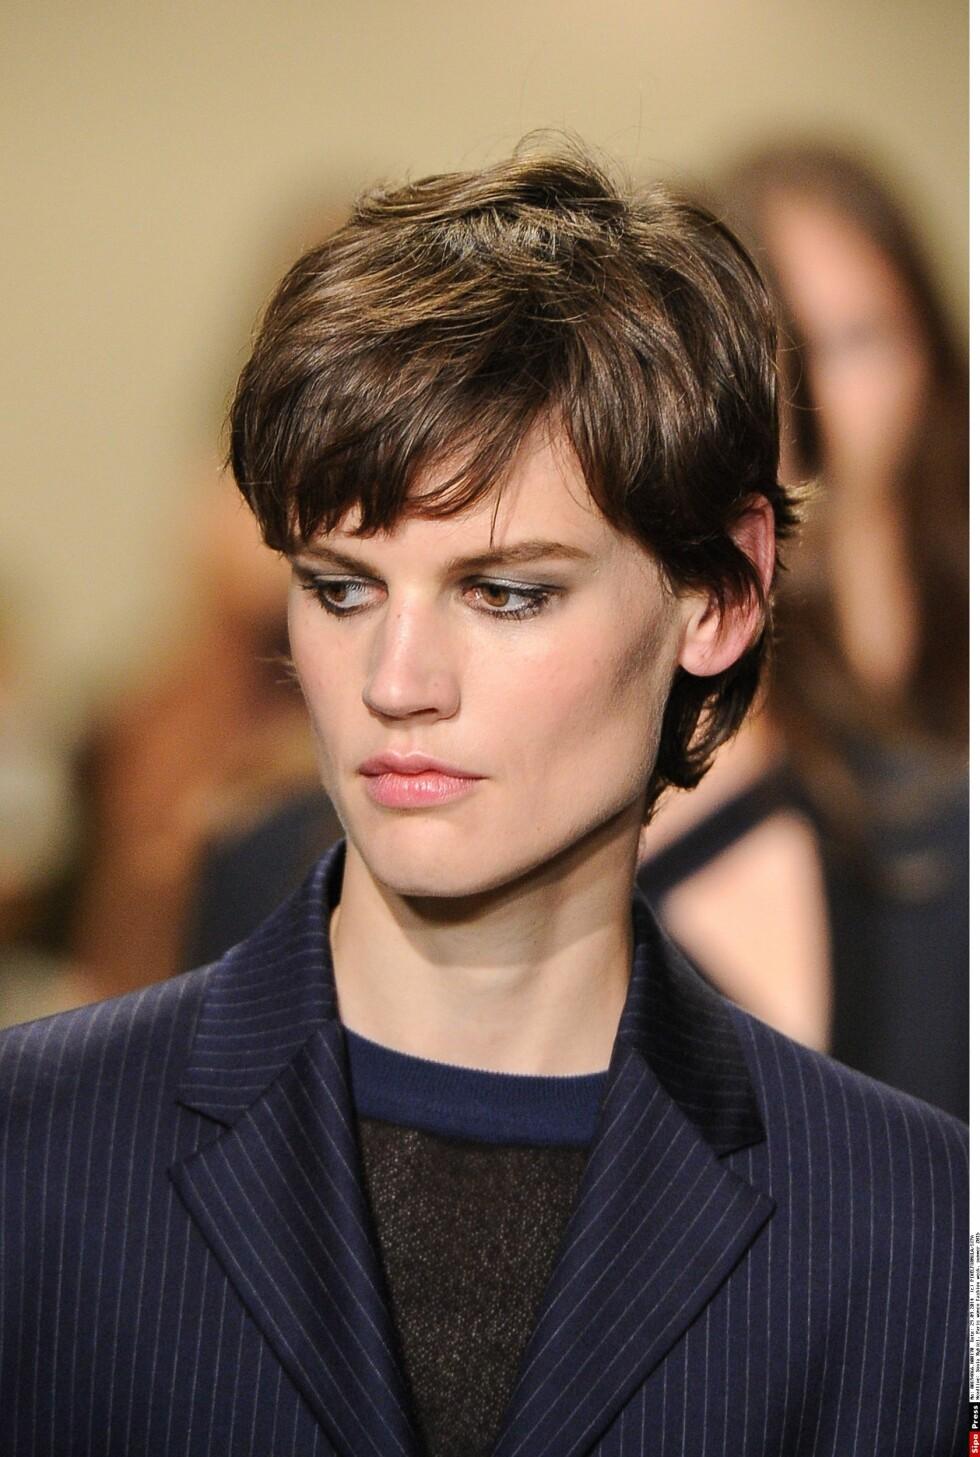 NATURLIG: Sonia Rykiel med en kort naturlig frisyre.  Foto: All Over Press